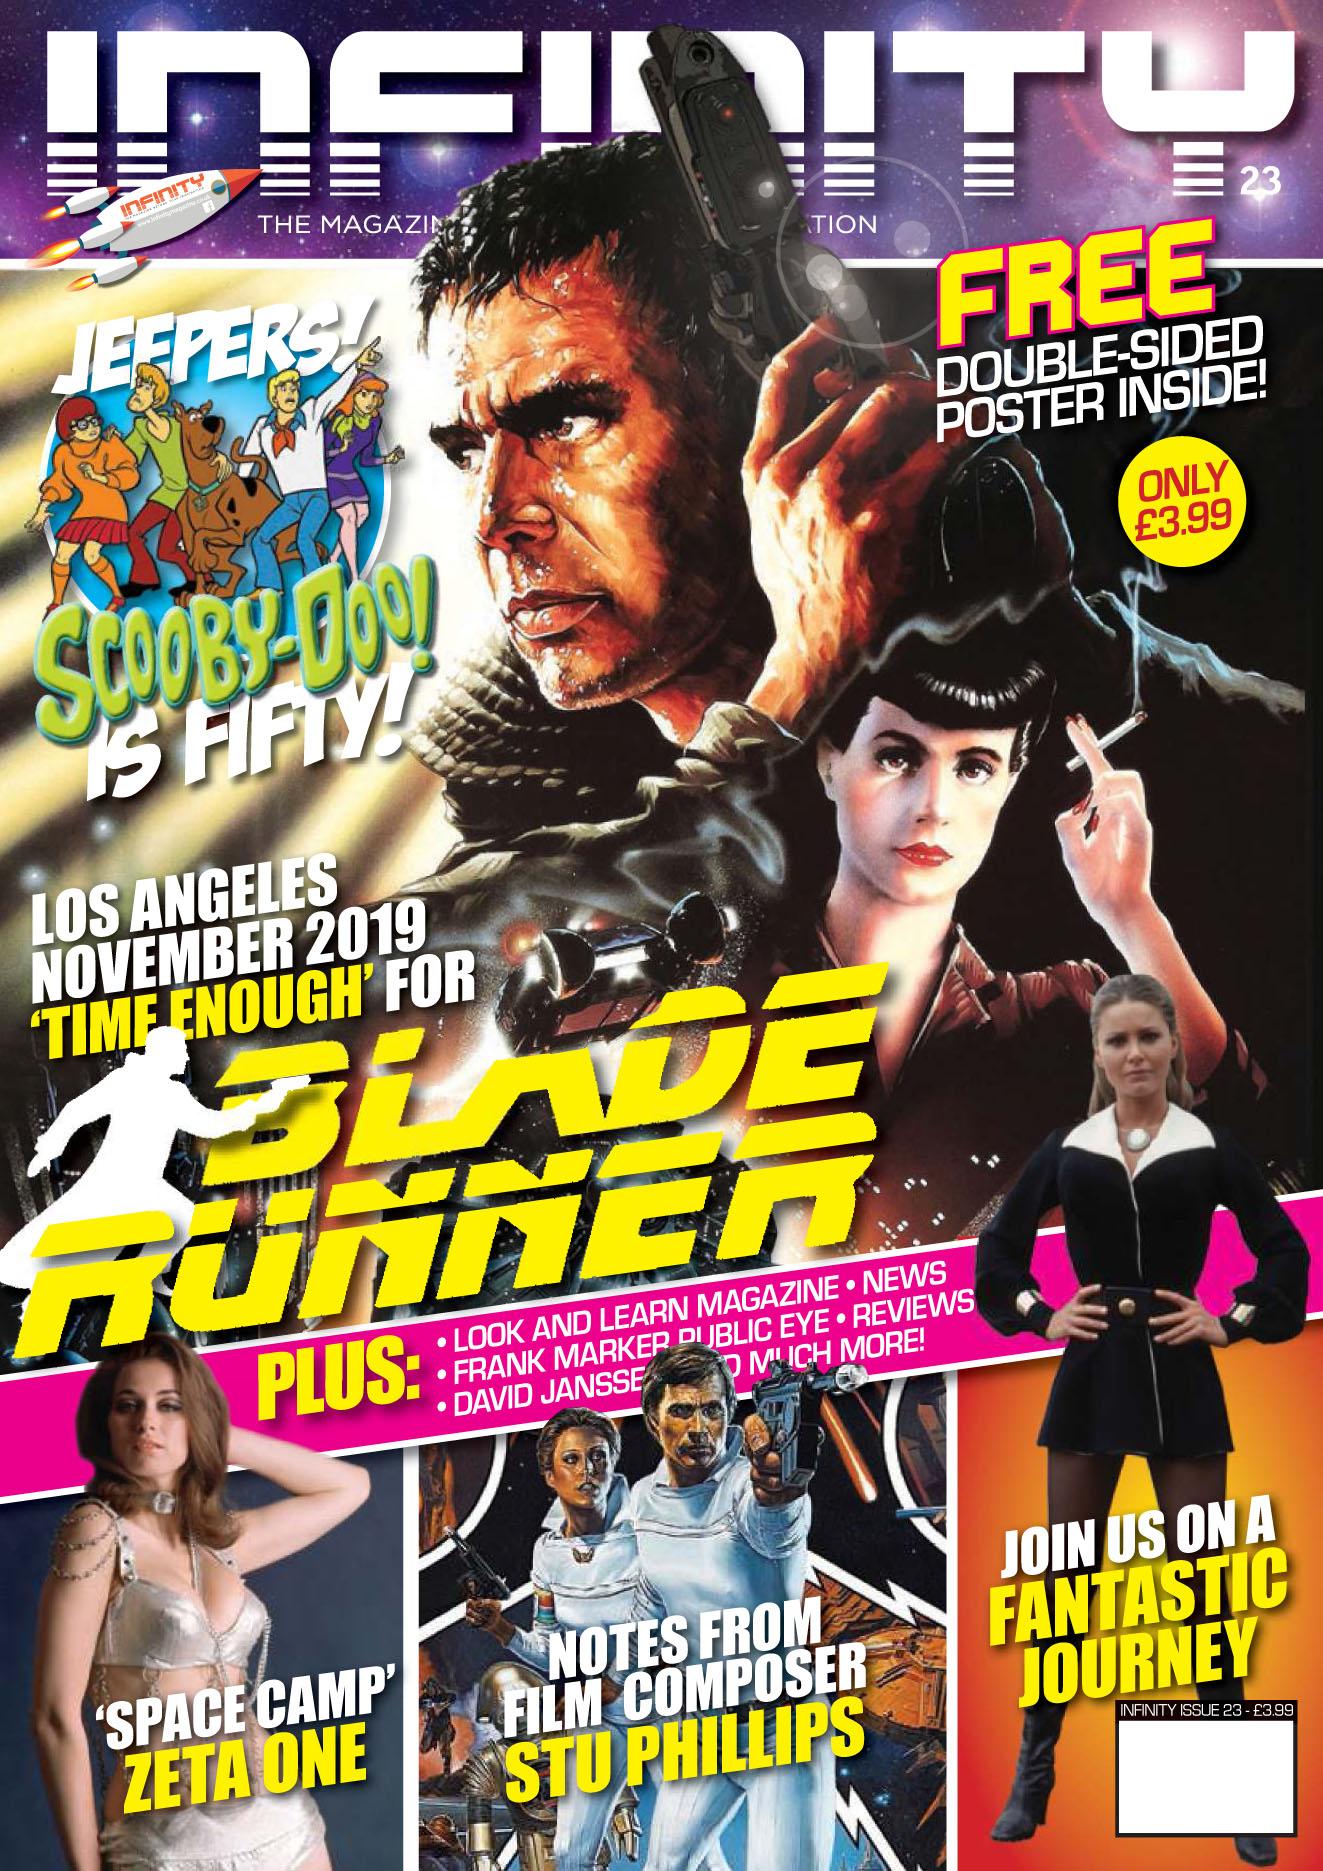 Infinity 23 2019-11 Blade Runner-1.jpg